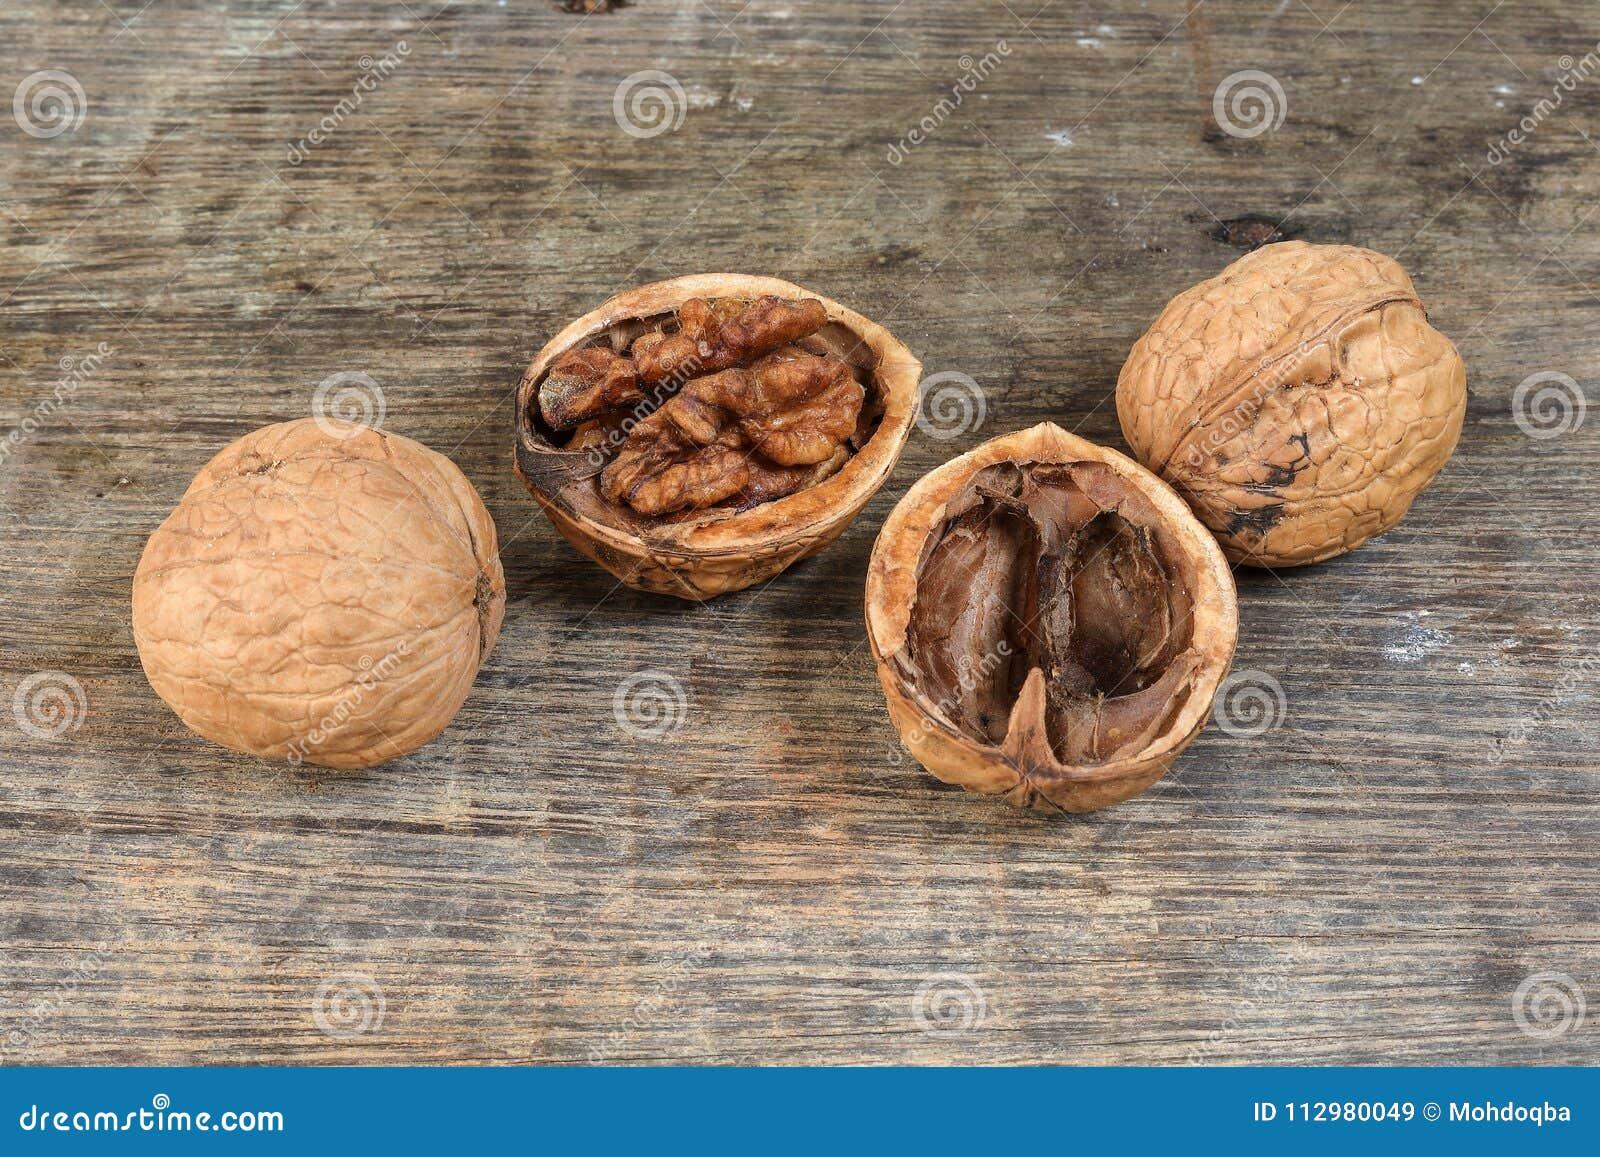 Walnut, walnuts, background